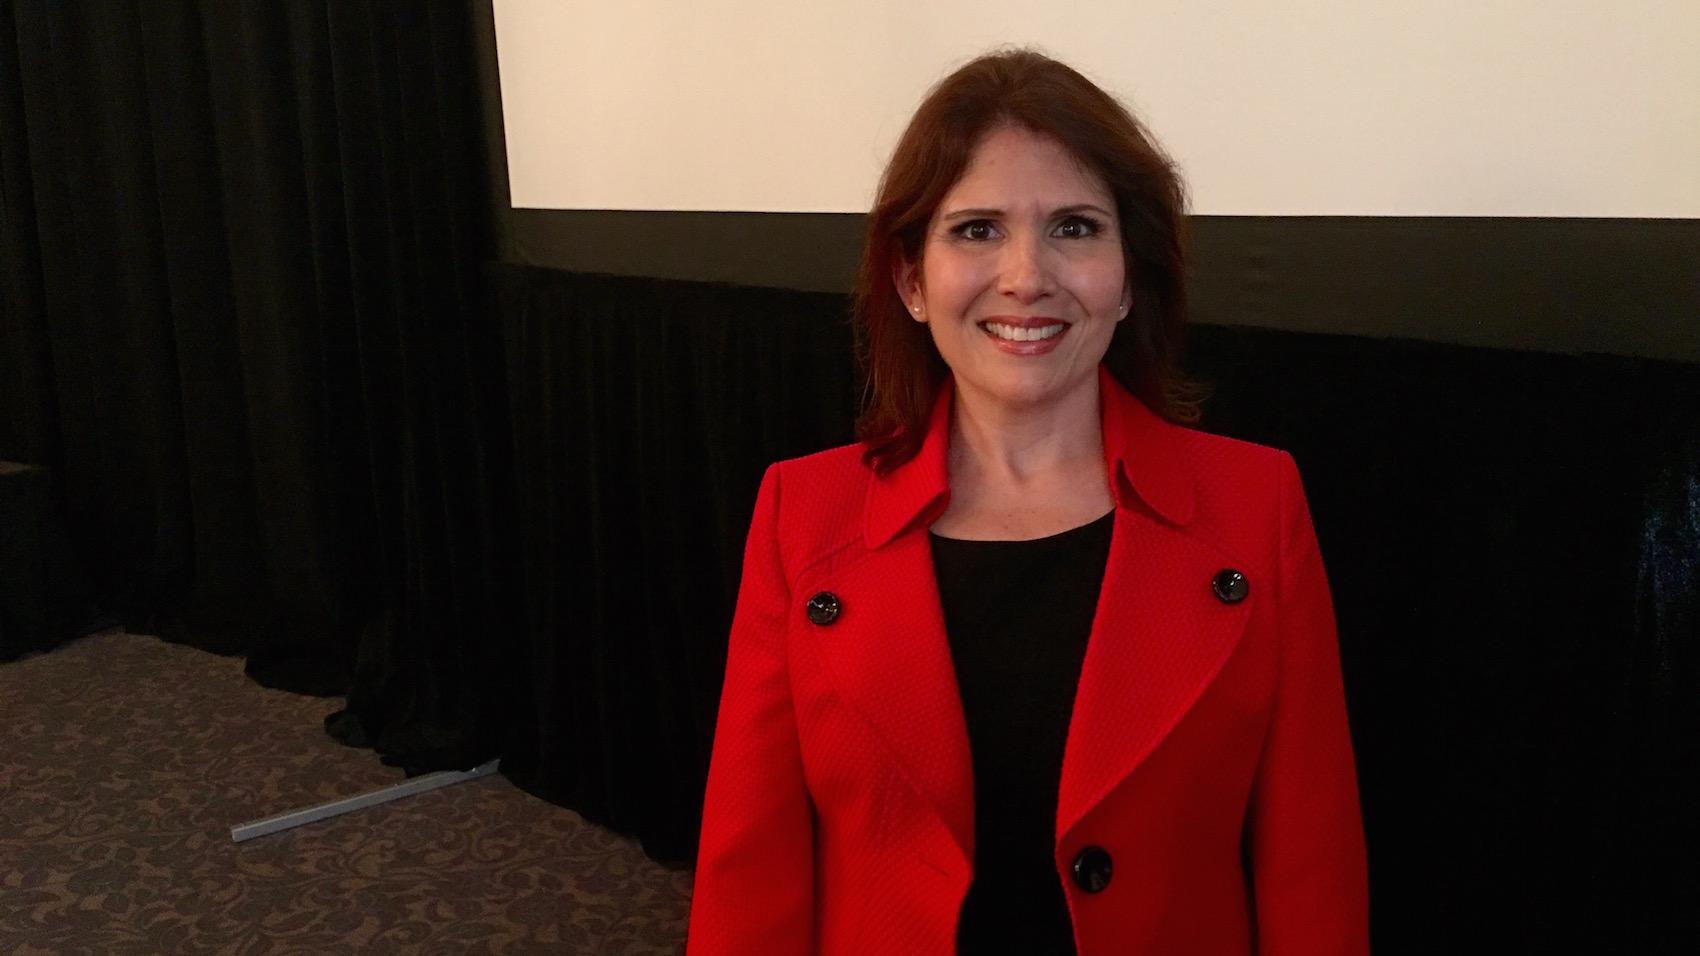 Evelyn Sanguinetti, vicegobernadora del estado de Illinois. (Crédito: Miguel Ángel Antoñanzas/CNN)